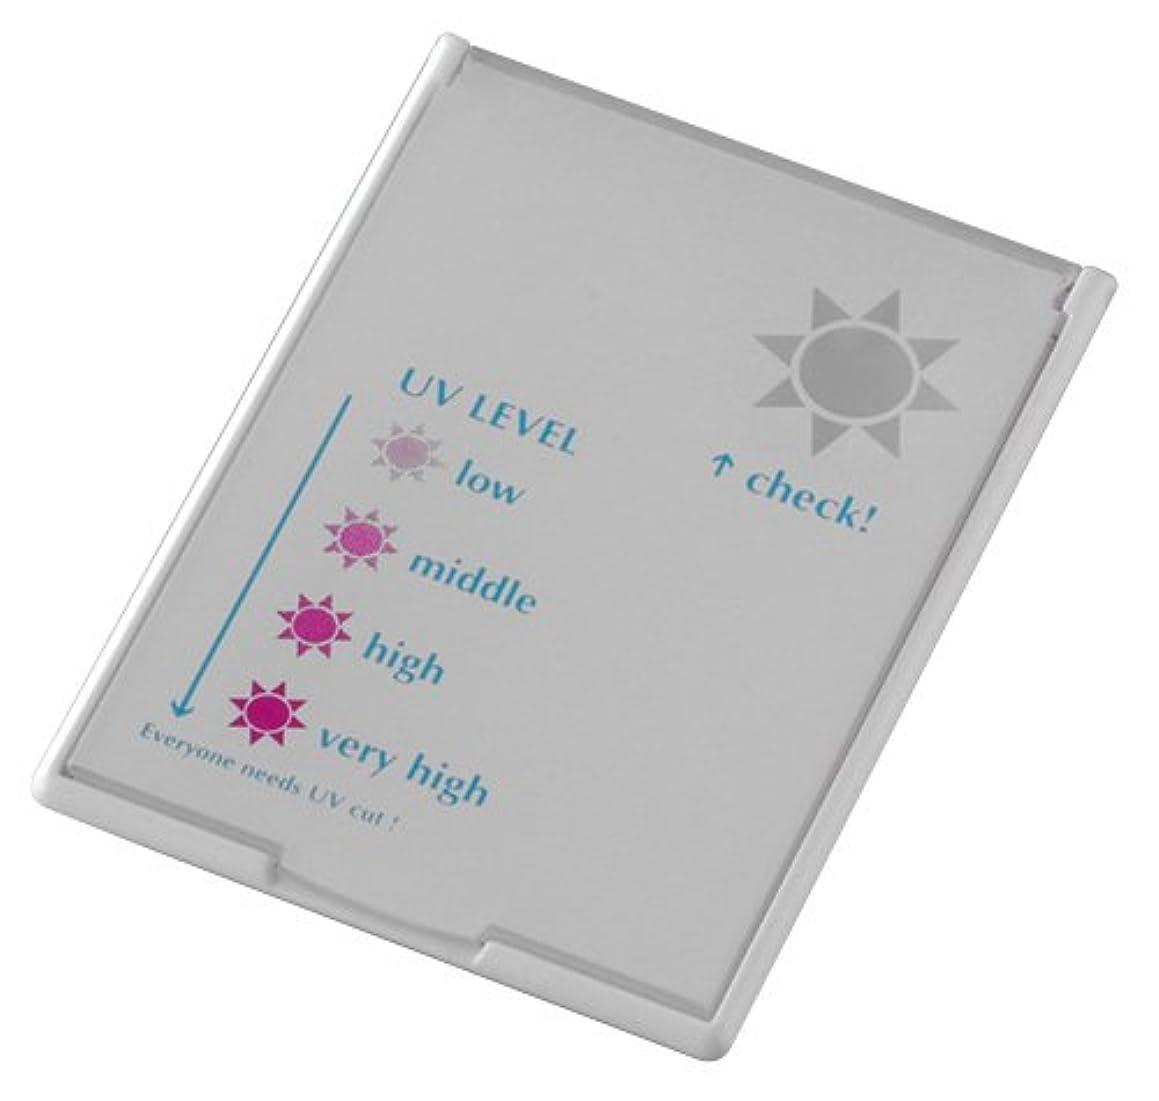 ハードチーズ人道的UVレベルチェッカーミラー コンパクトタイプ